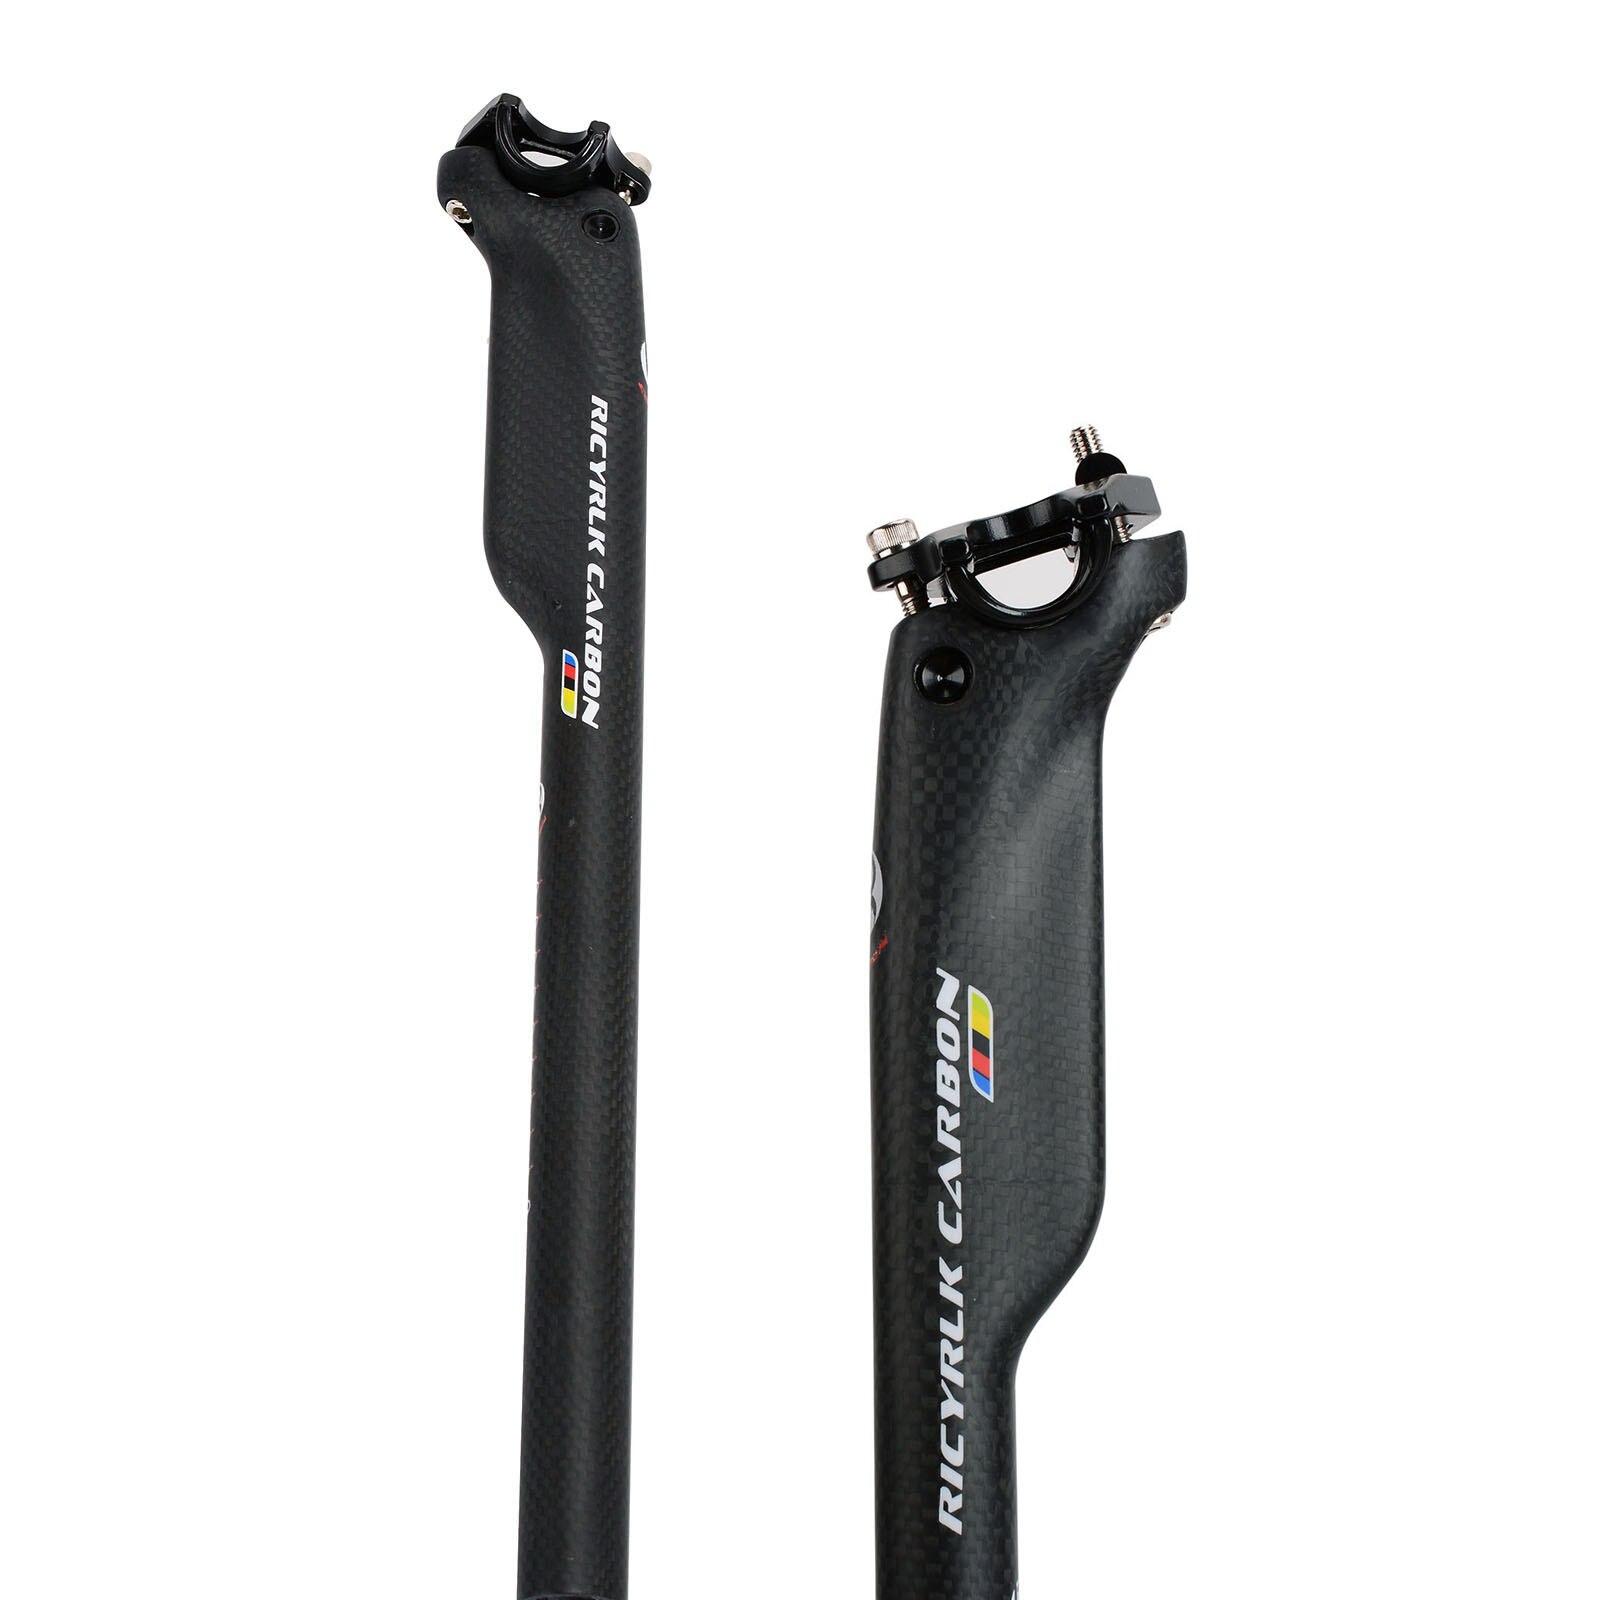 RICYRLK كامل إطار دراجة مصنوع من ألياف الكربون مقاعد الدراجة الجبلية 3K الطريق مقاعد كسر الرياح مقعد آخر 27.2/30.8/31.6*350/400 مللي متر